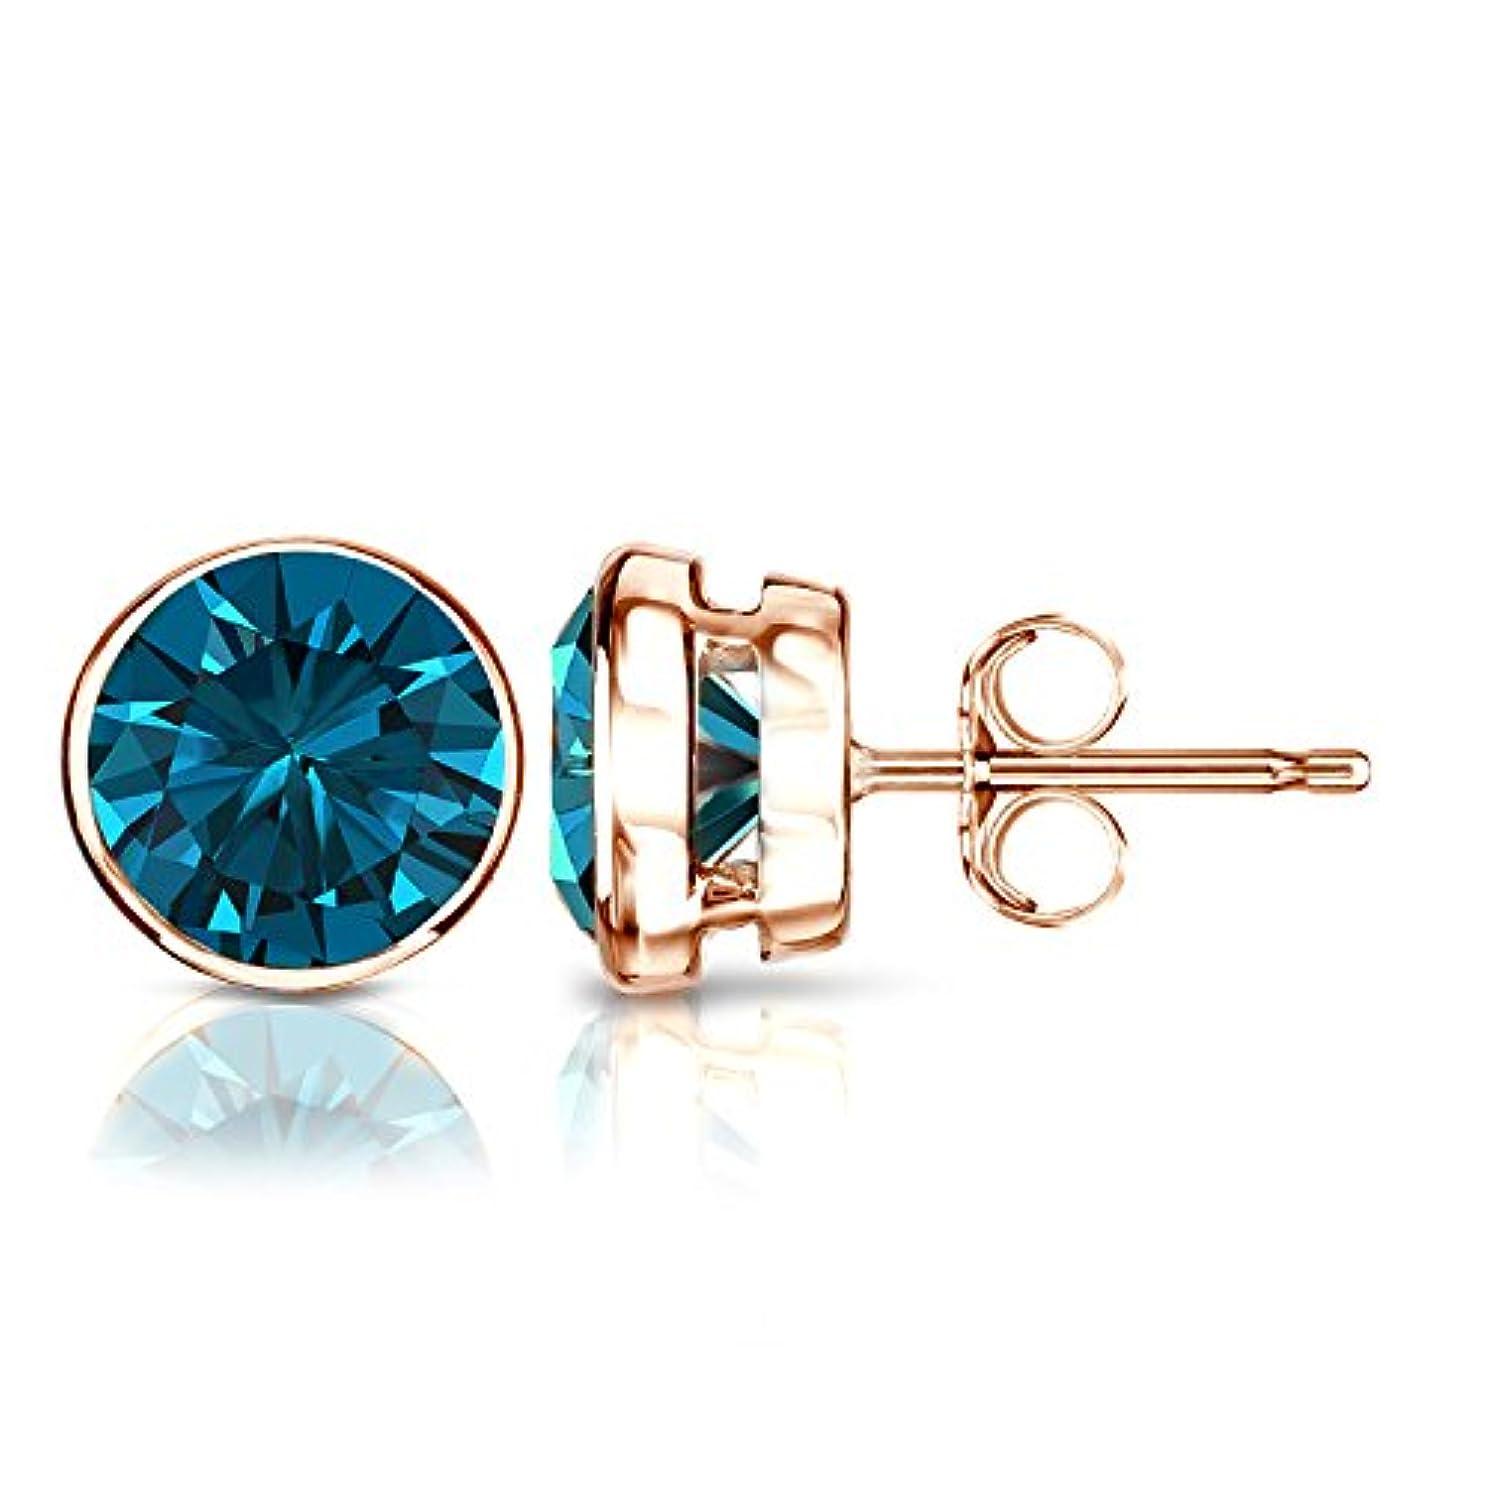 考案するあからさまのど14 Kゴールドラウンドブルーダイヤモンドメンズベゼルスタッドイヤリング( 1 / 4 – 2 ct、ブルー、i1 - i2 )プッシュバック